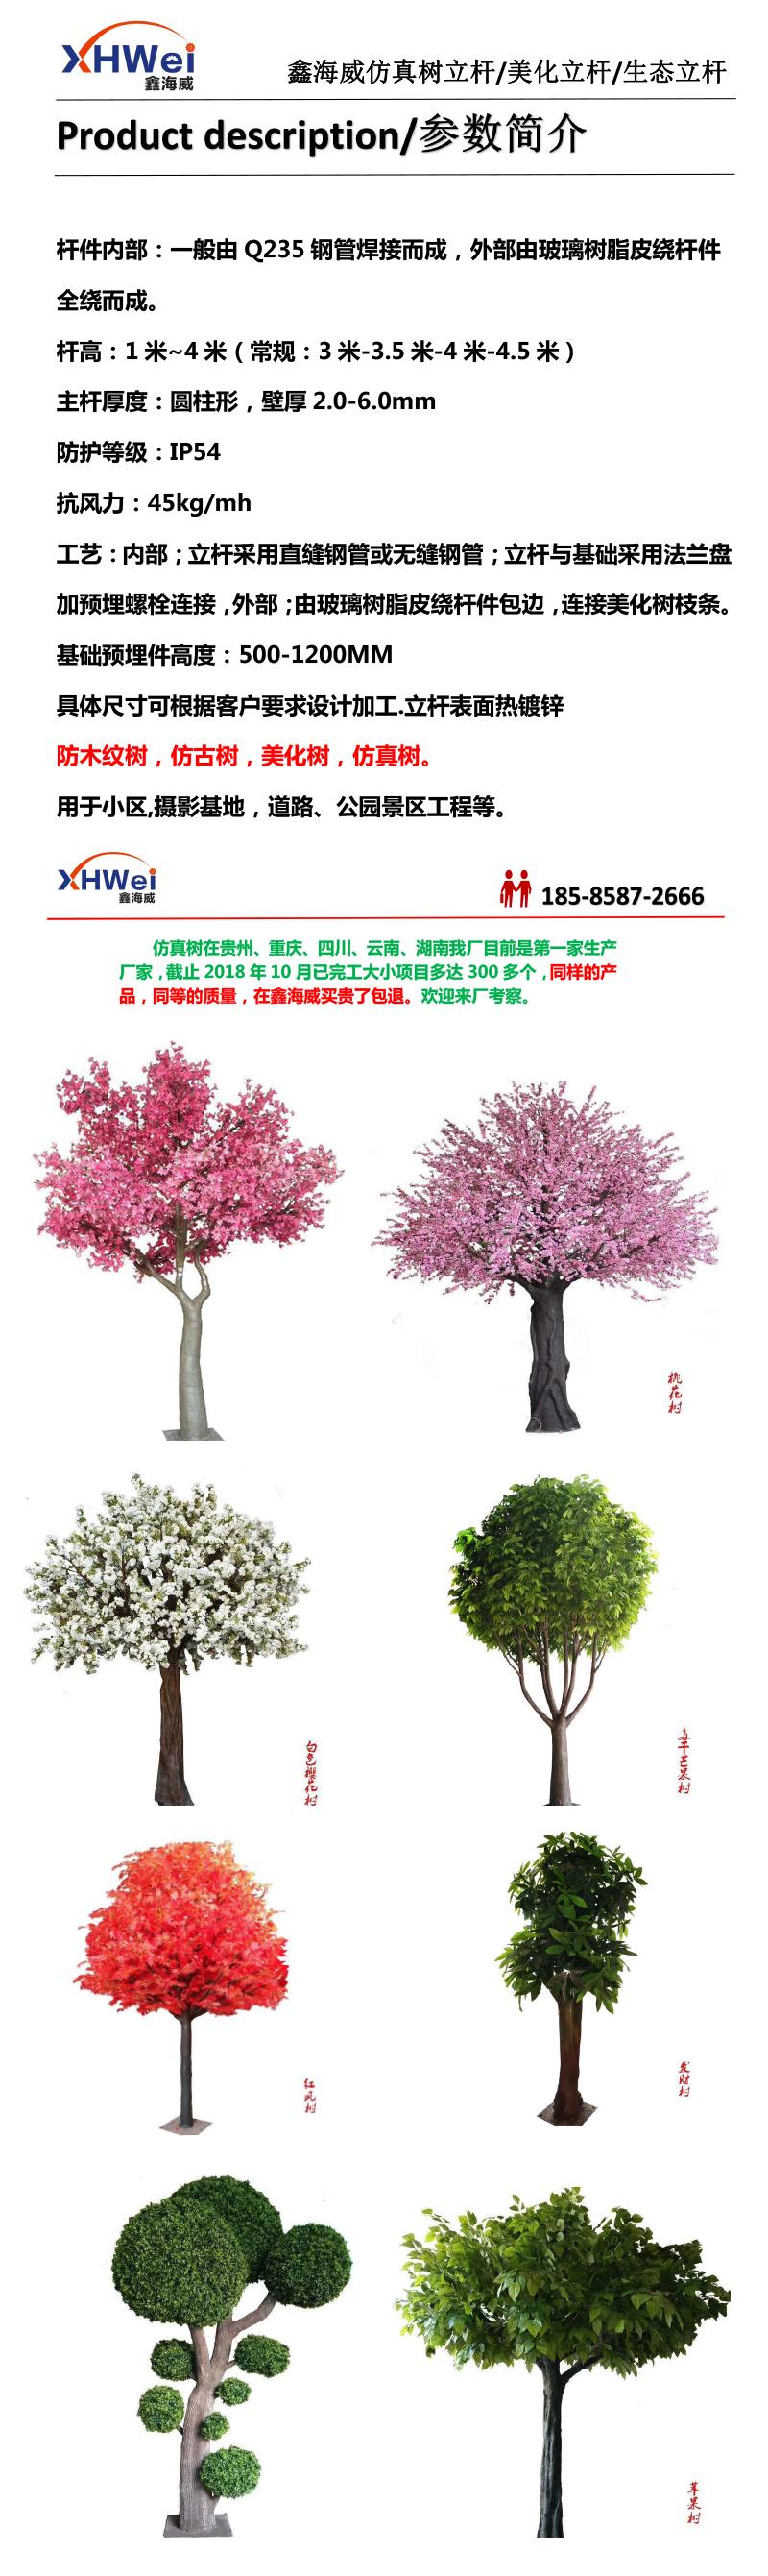 造景树-1.jpg